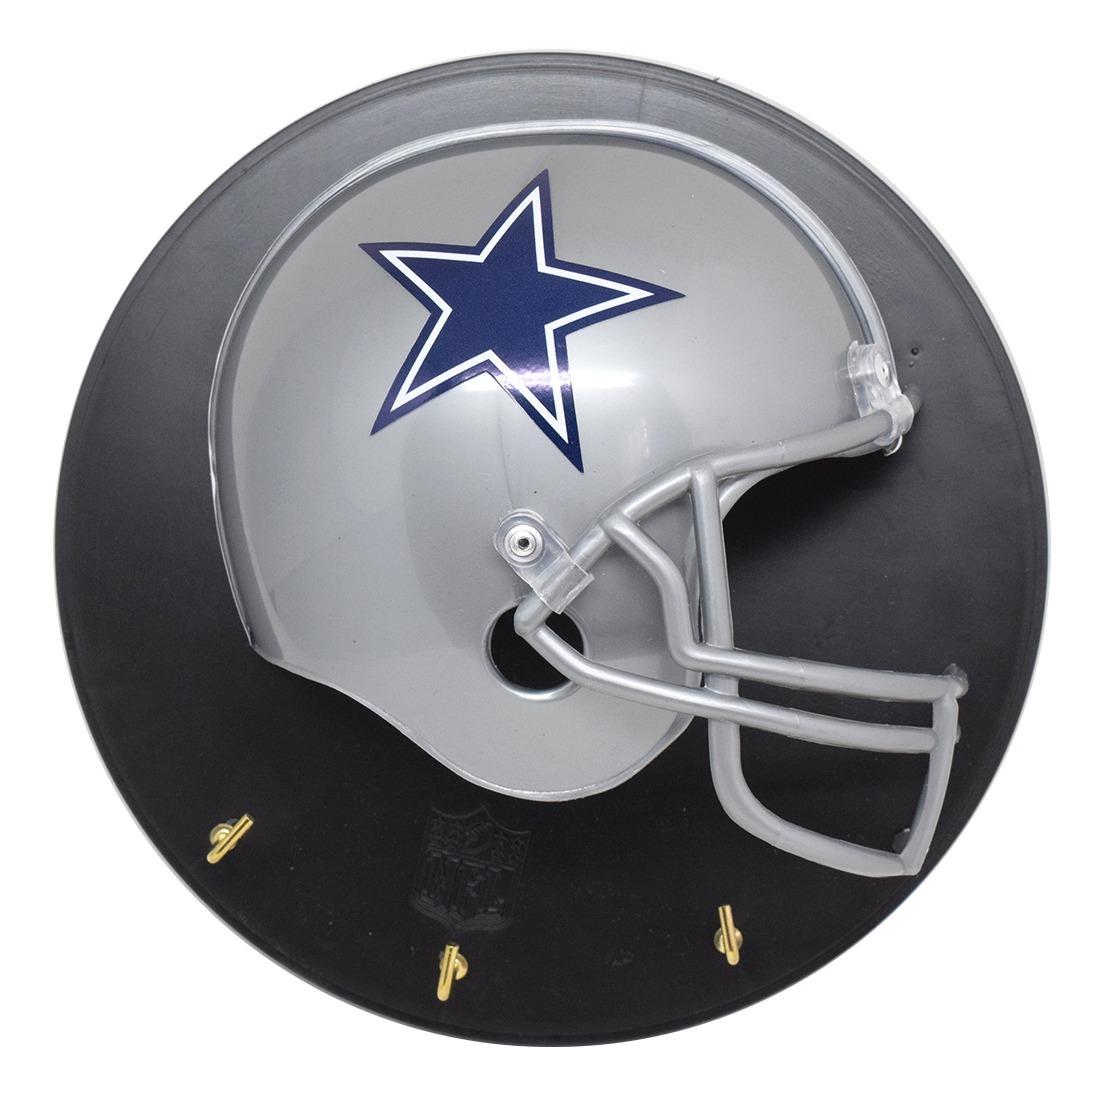 Portallaves Dallas Cowboys Vaqueros Nfl -   319.00 en Mercado Libre 14b234cbf2e